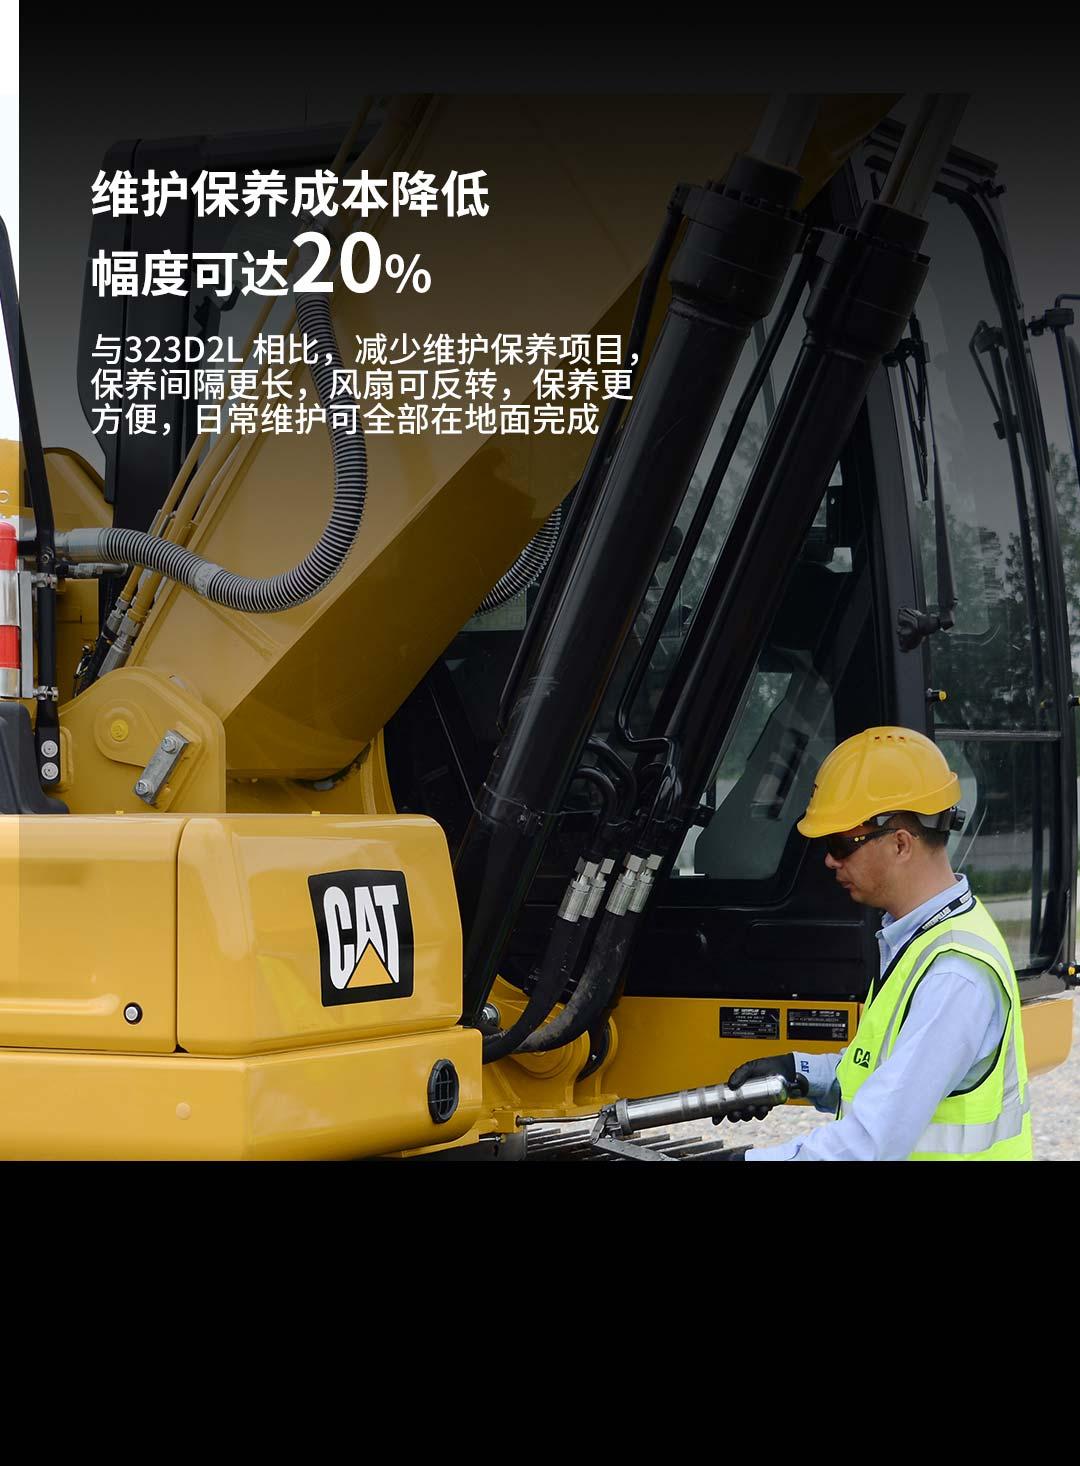 新一代CAT®323 GC 液压挖掘机